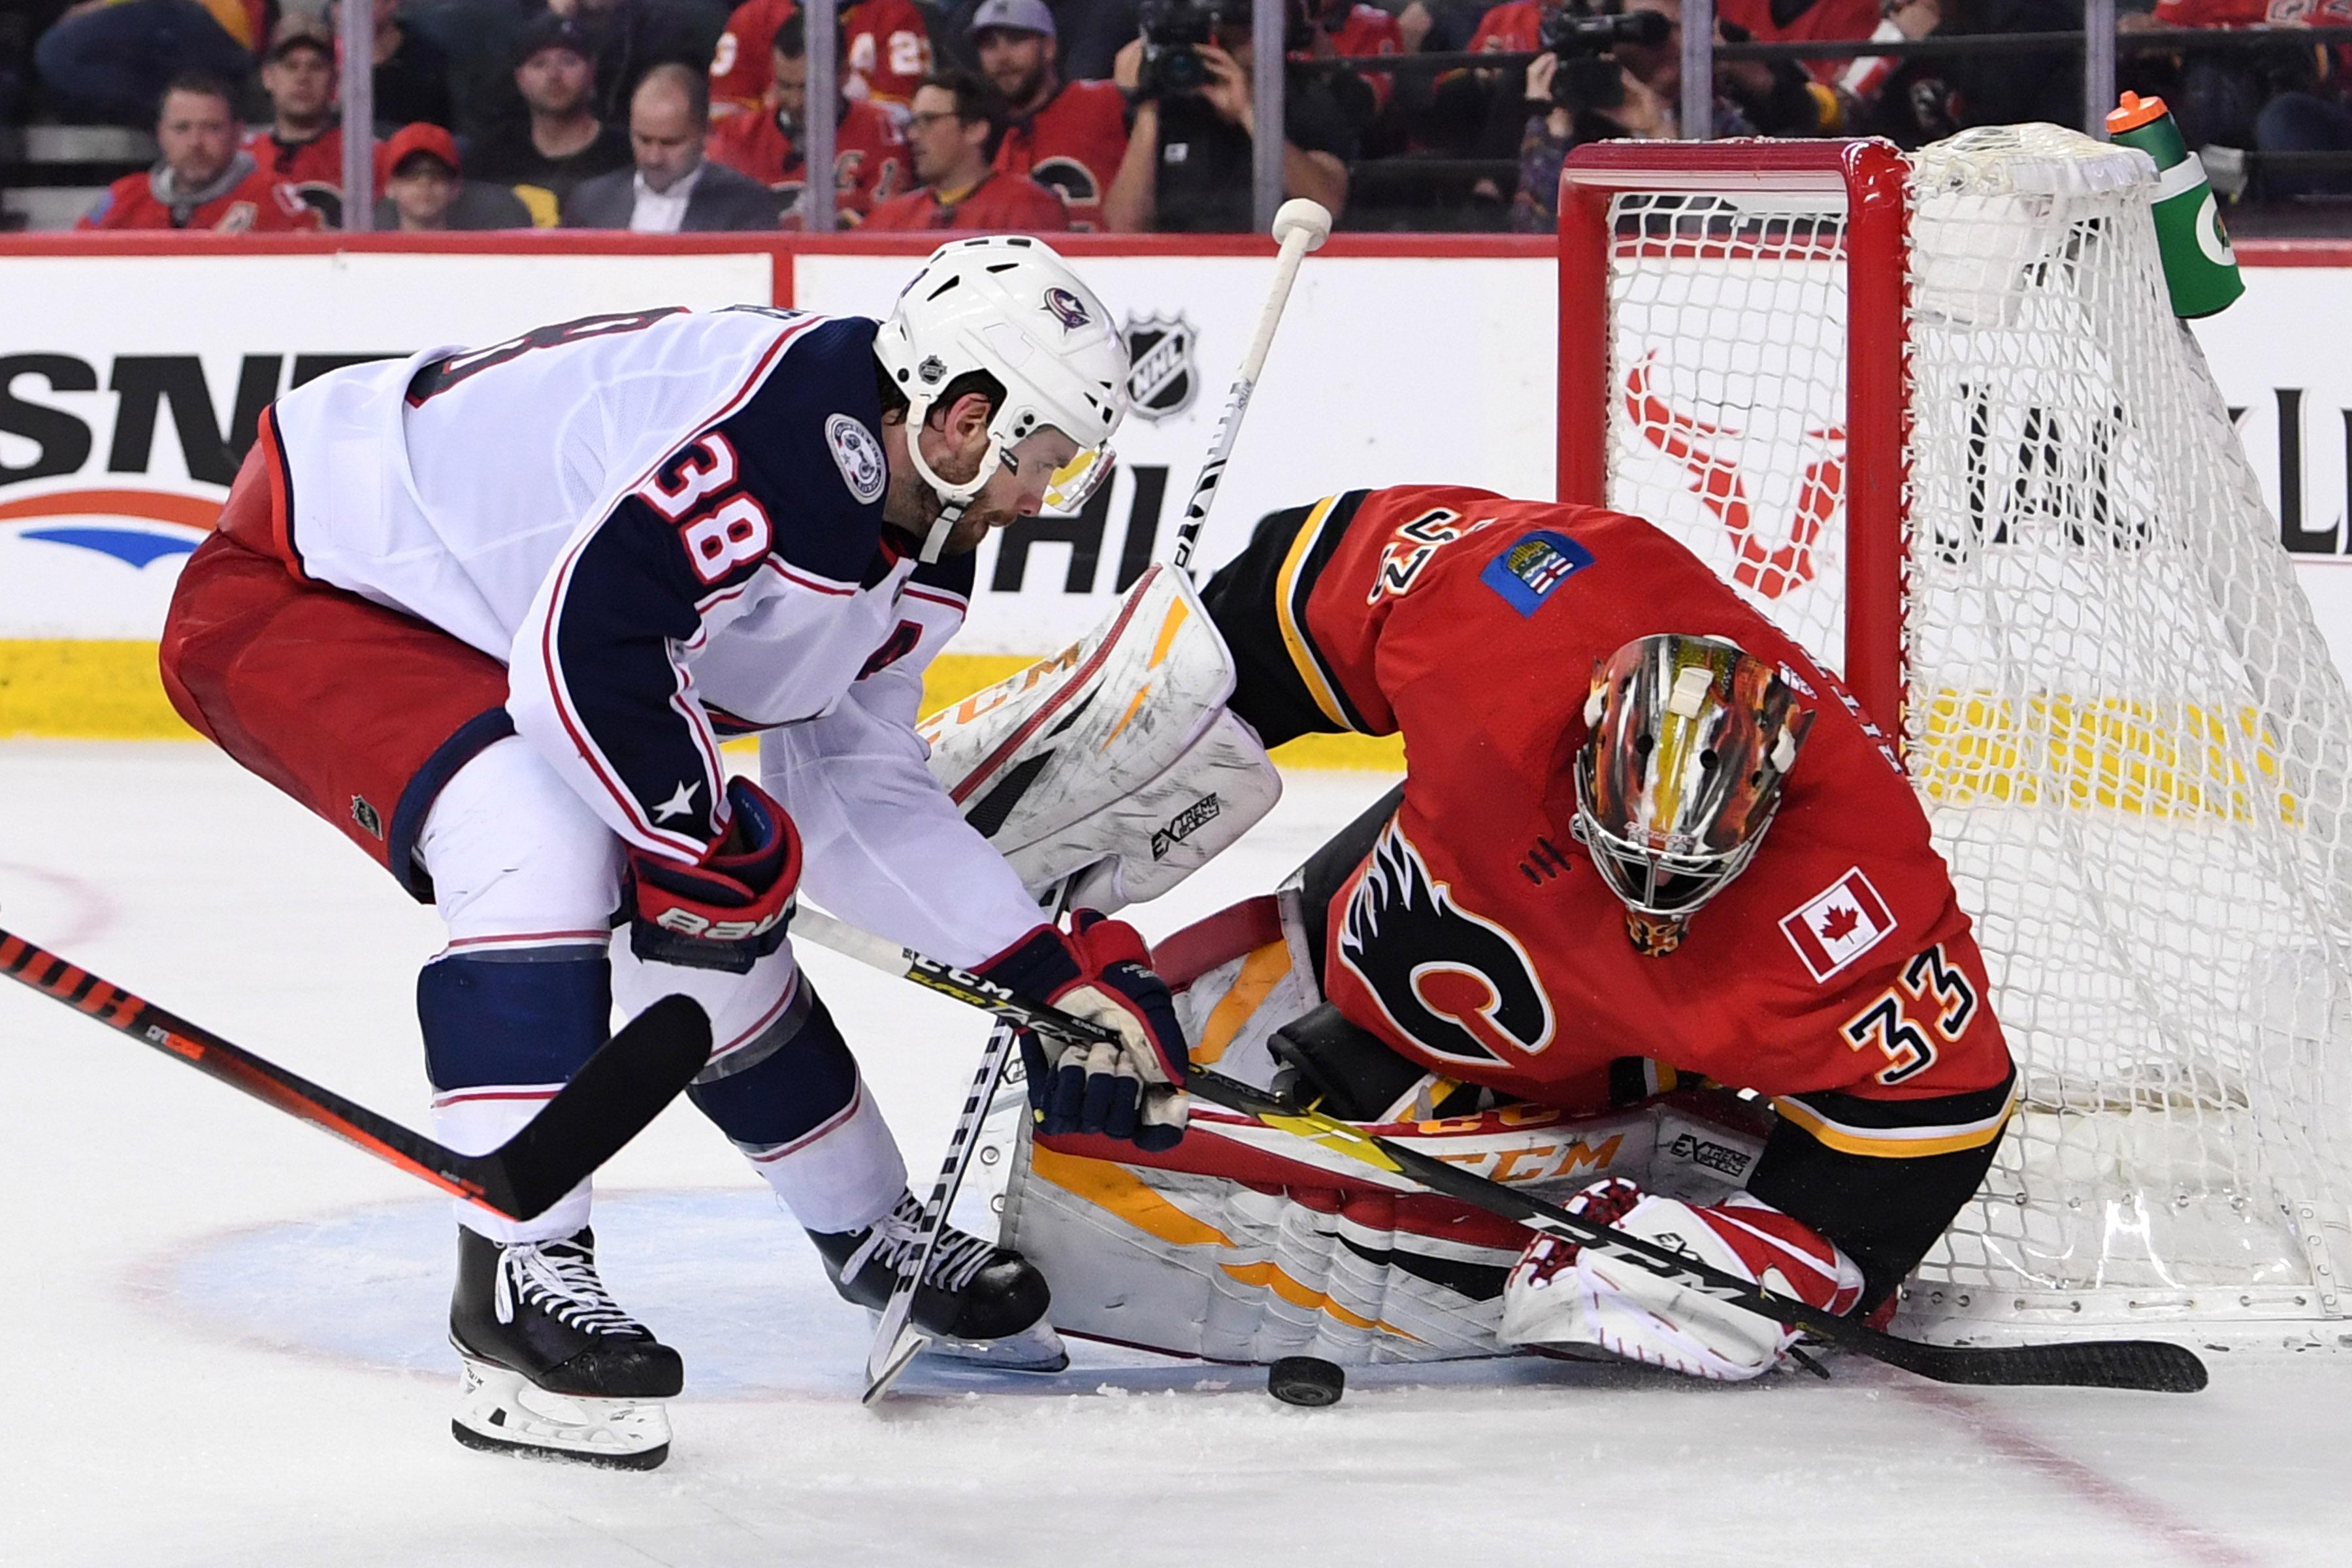 NHL: Columbus Blue Jackets at Calgary Flames